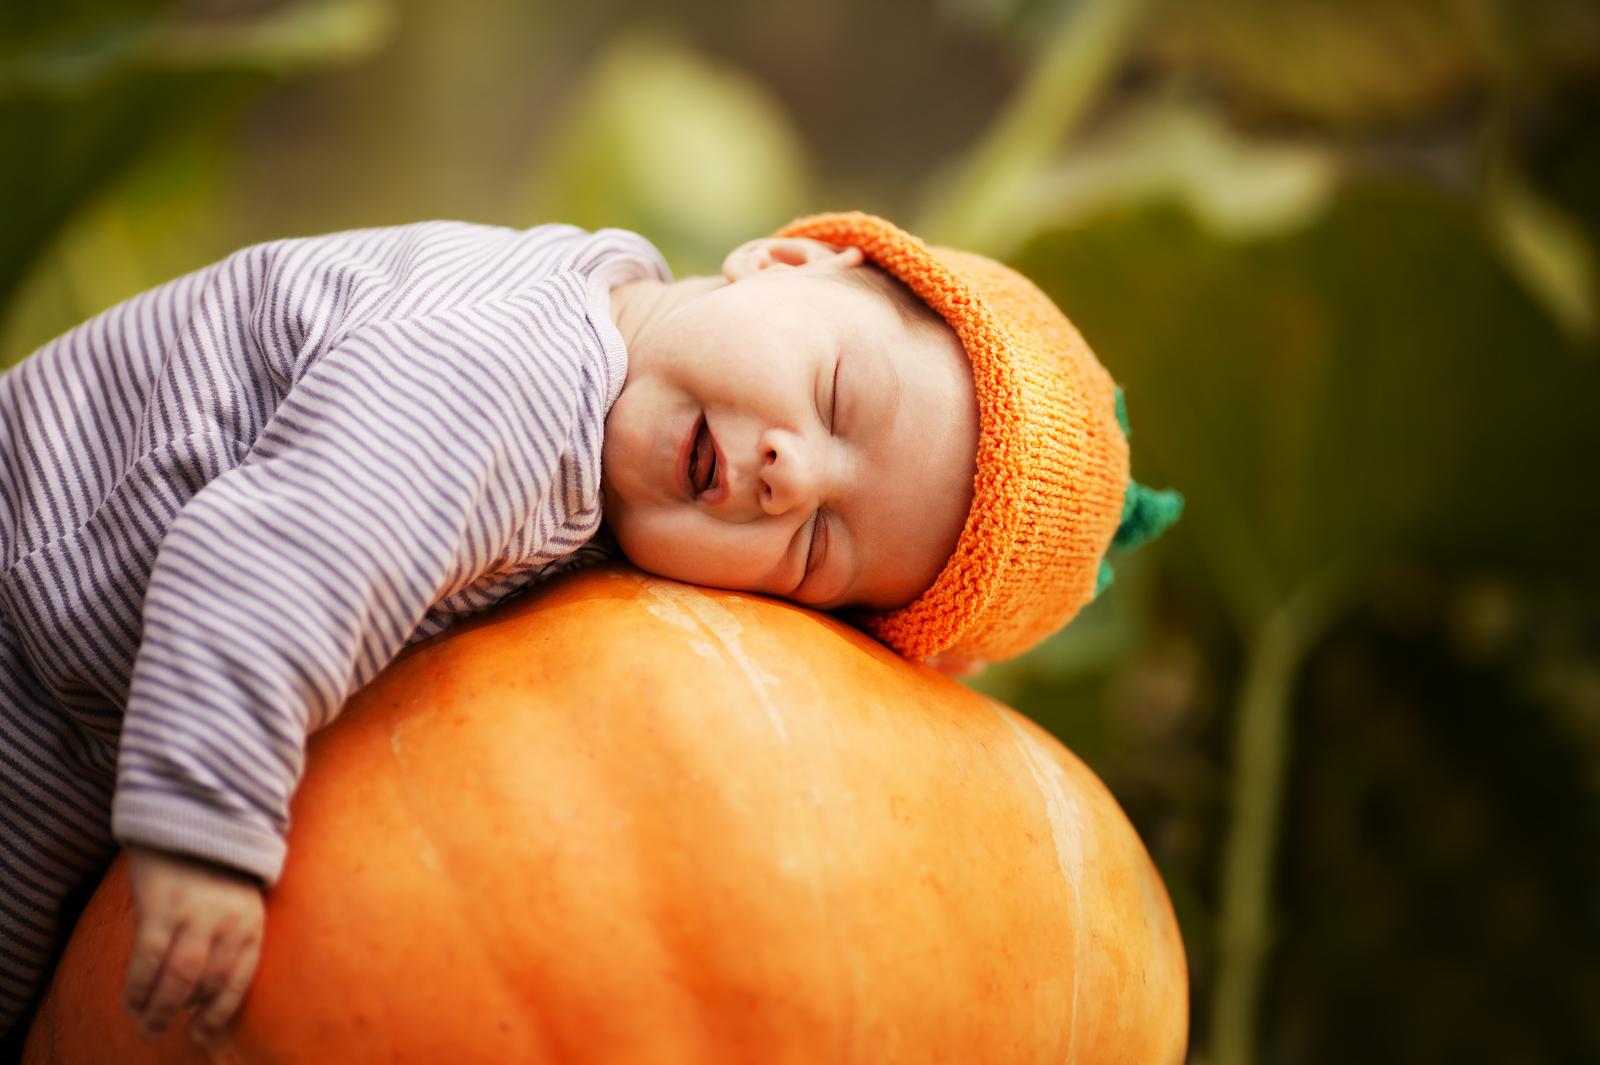 bigstock-baby-sleeping-on-big-pumpkin-41309152